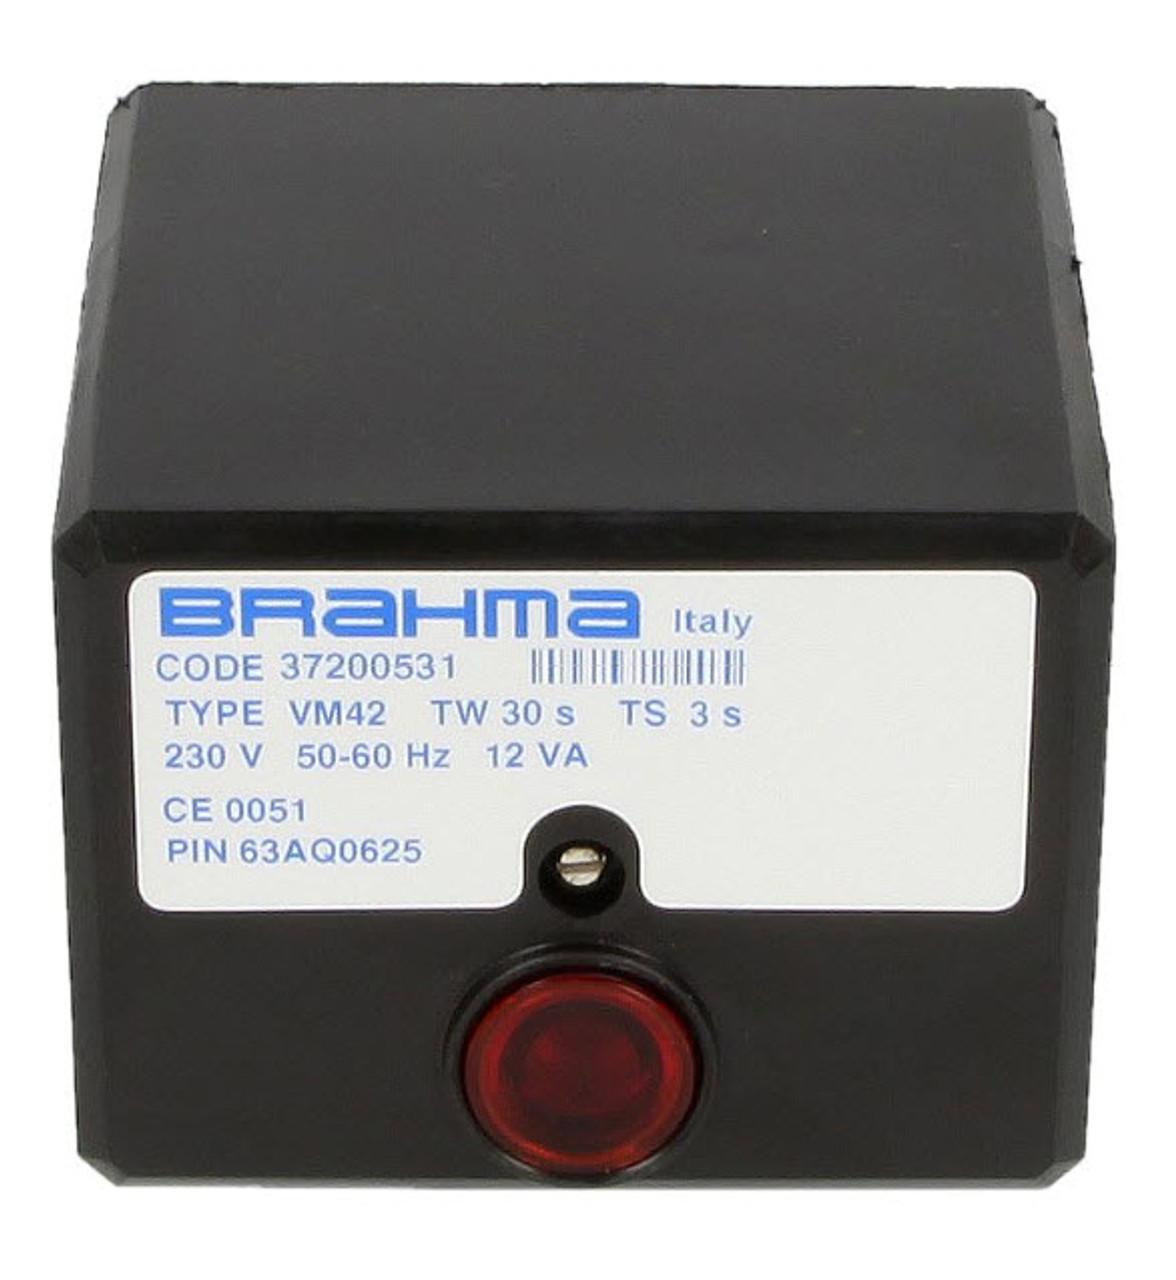 Brahma control unit VM42 37200531